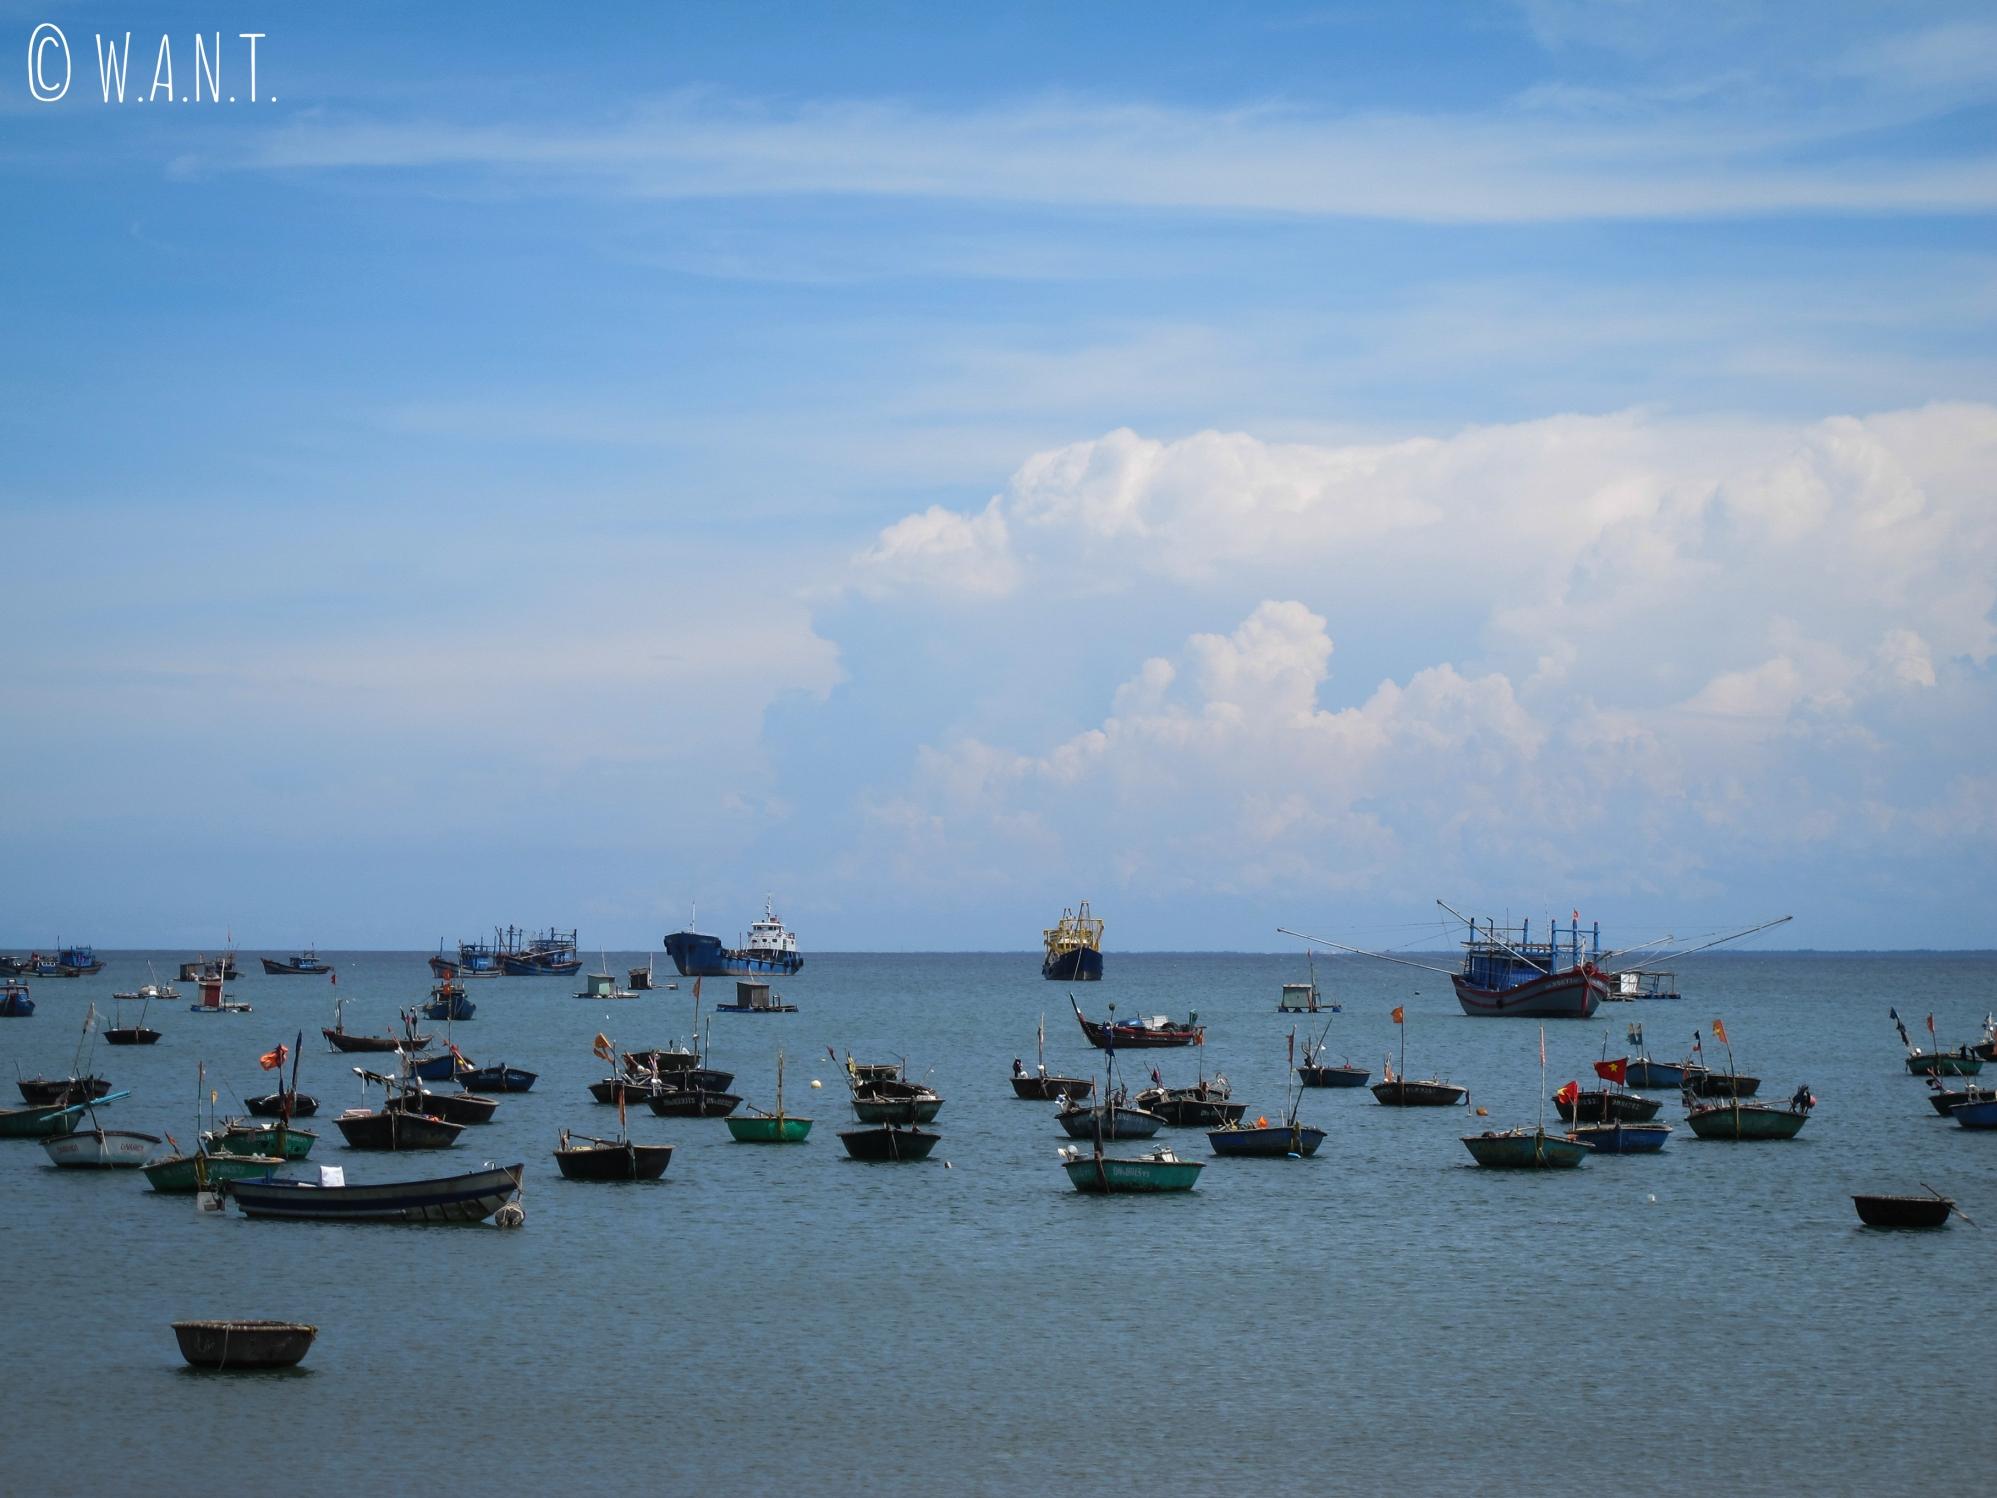 Bateaux de pêche dans la baie de Da Nang